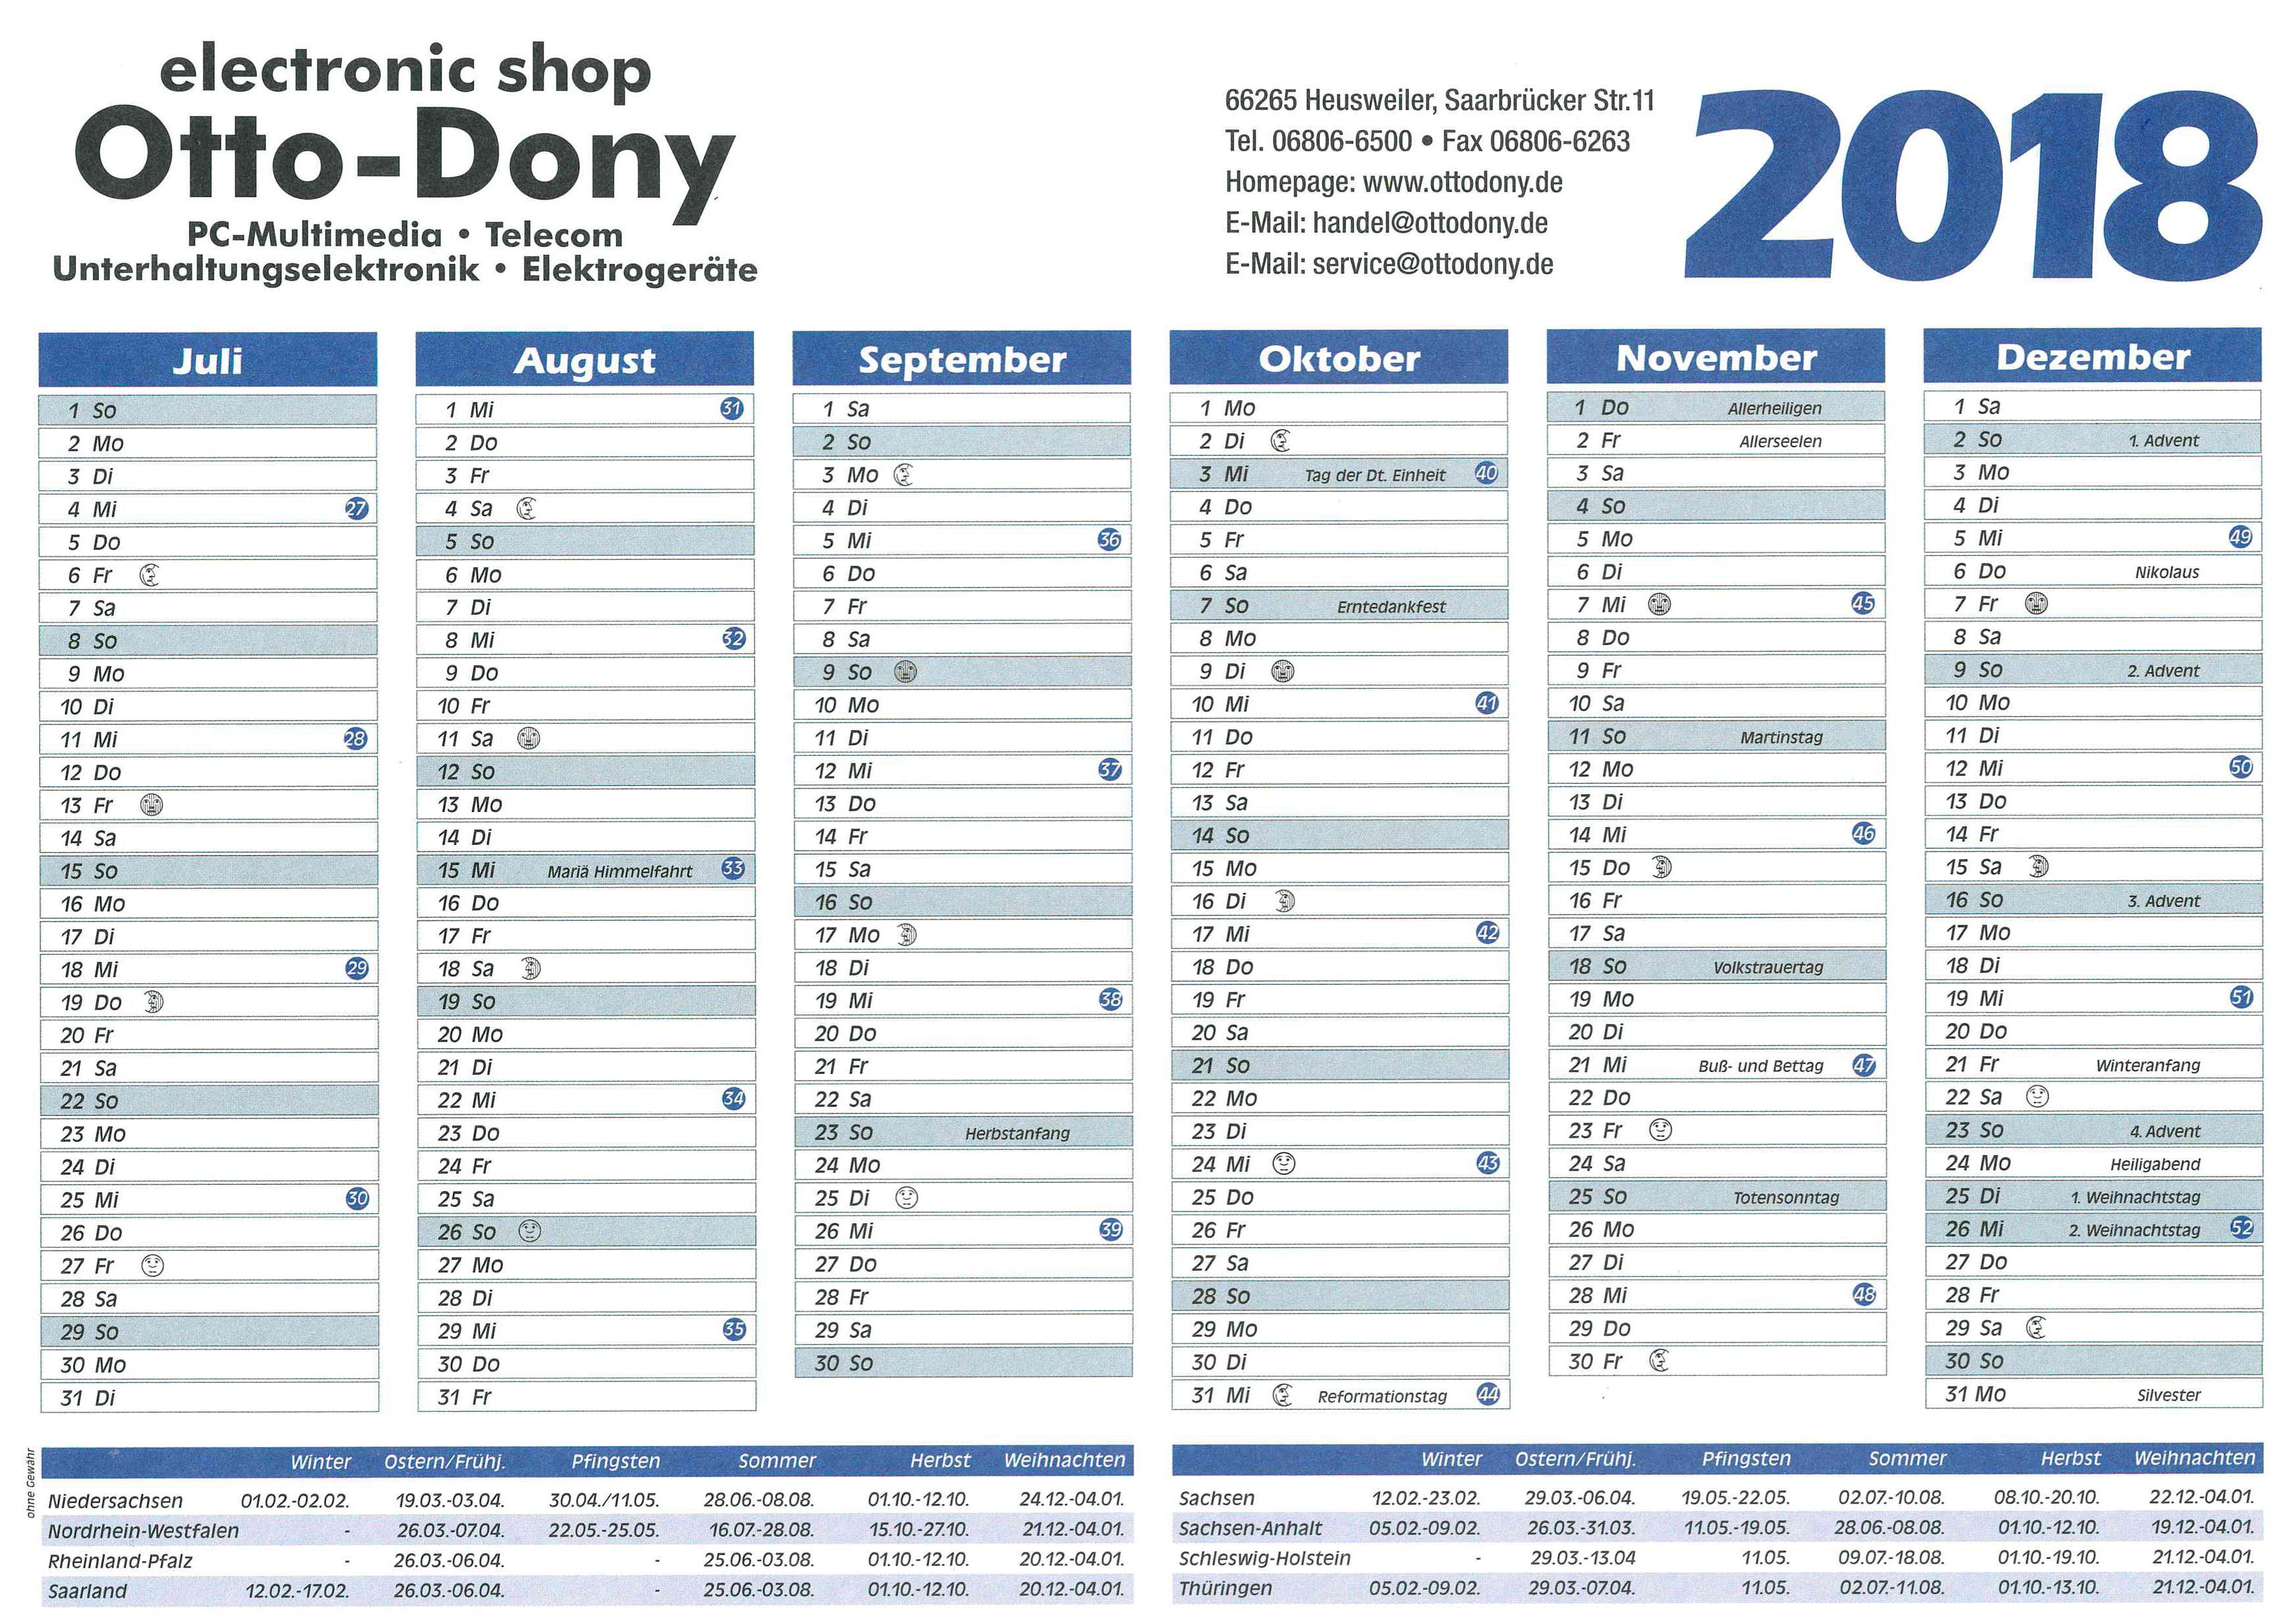 Kalender Juli bis Dezember